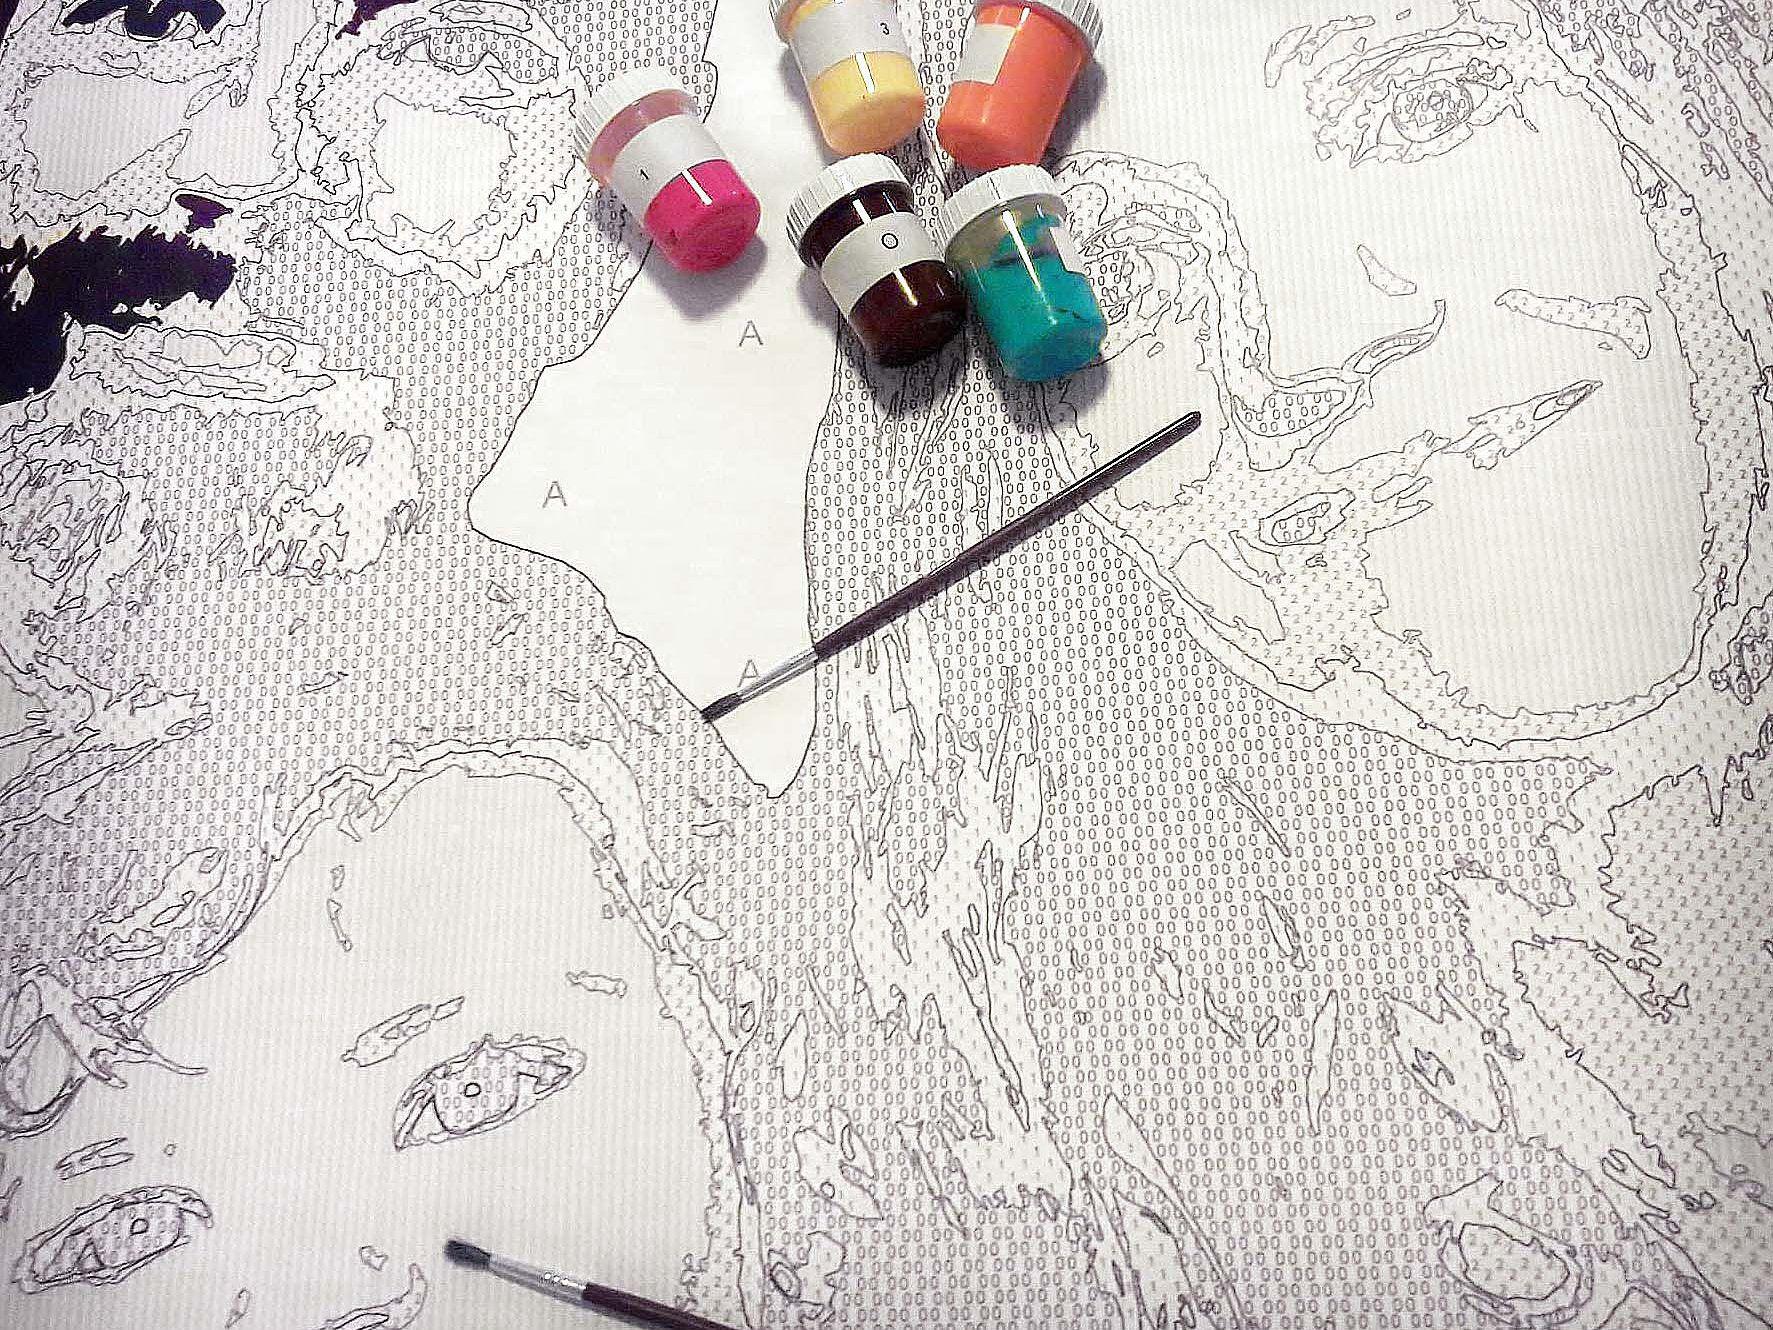 Pop Art Vom Foto Malen Selber Malen Mit Malen Nach Zahlen By Paintoix Pop Art Selber Malen Malen Nach Zahlen Selber Machen